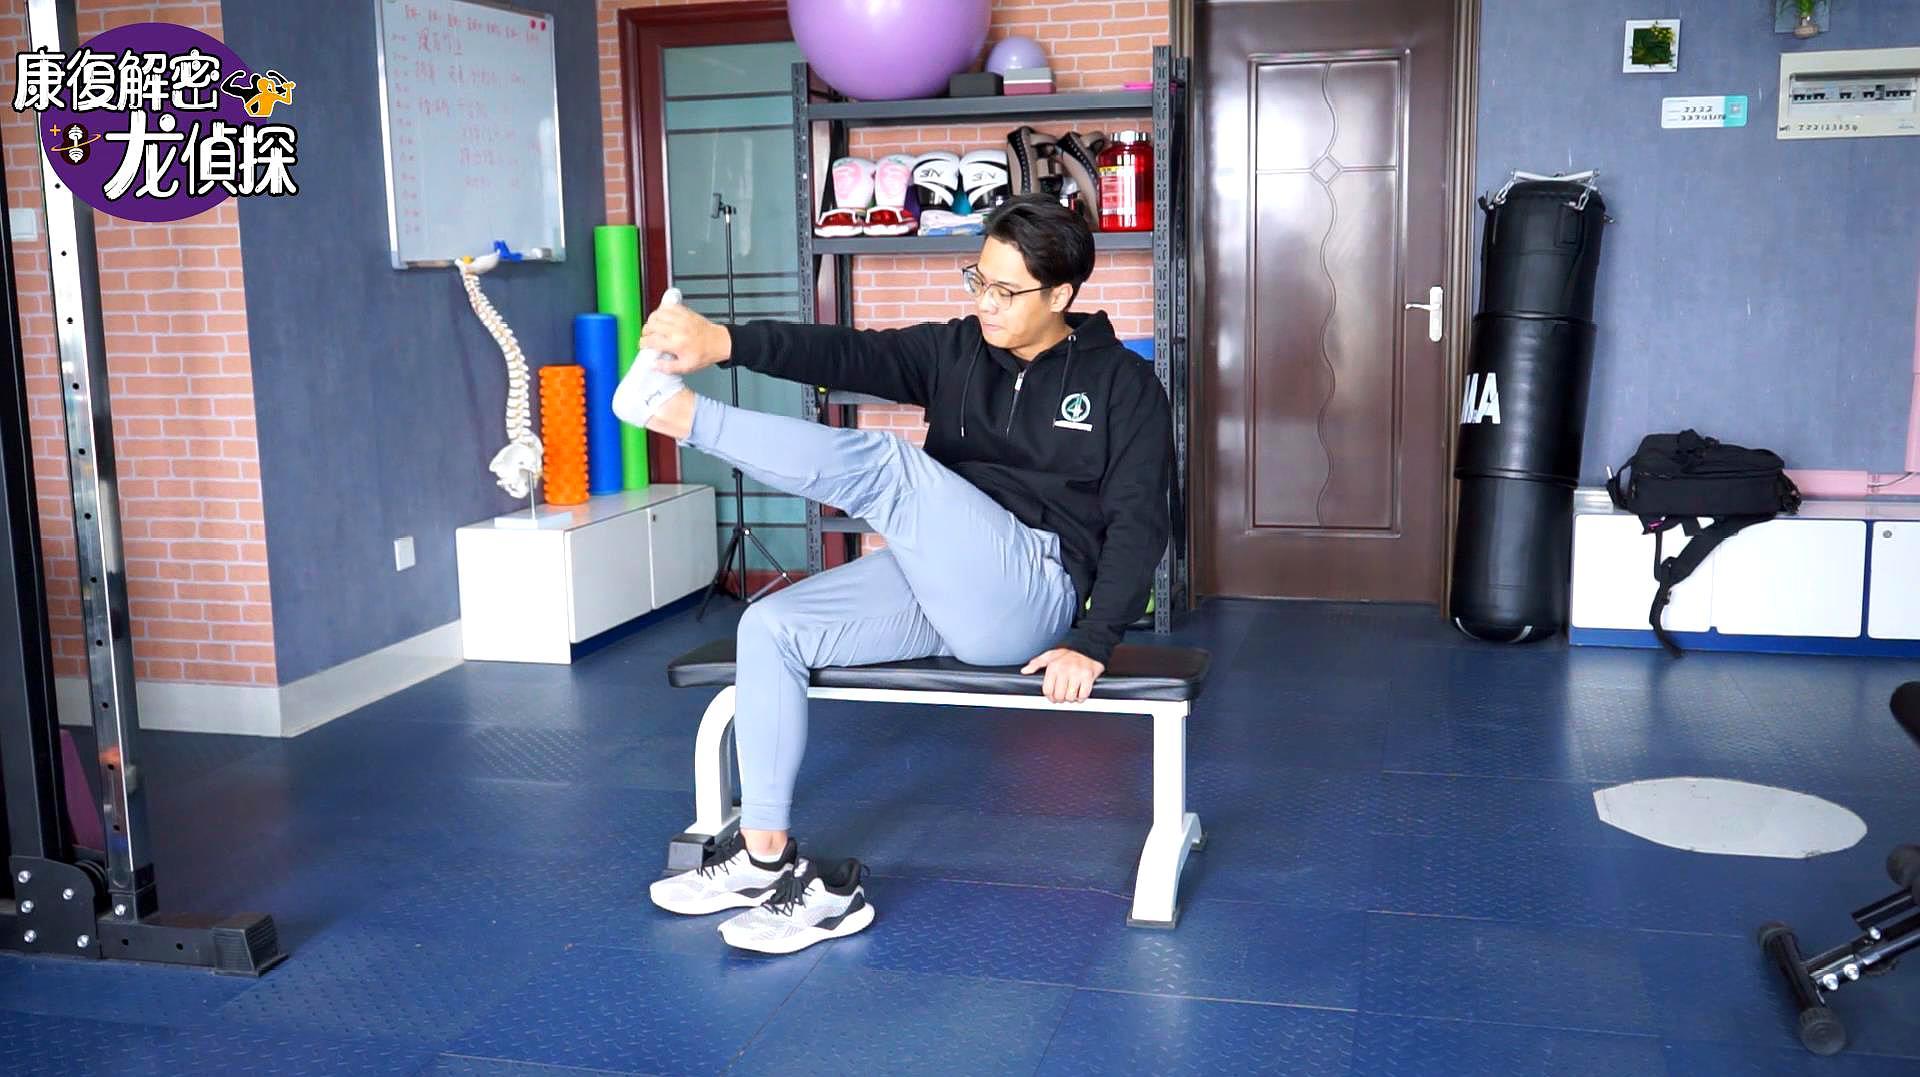 脚抽筋是什么原因有效的方法 脚抽筋是什么原因?